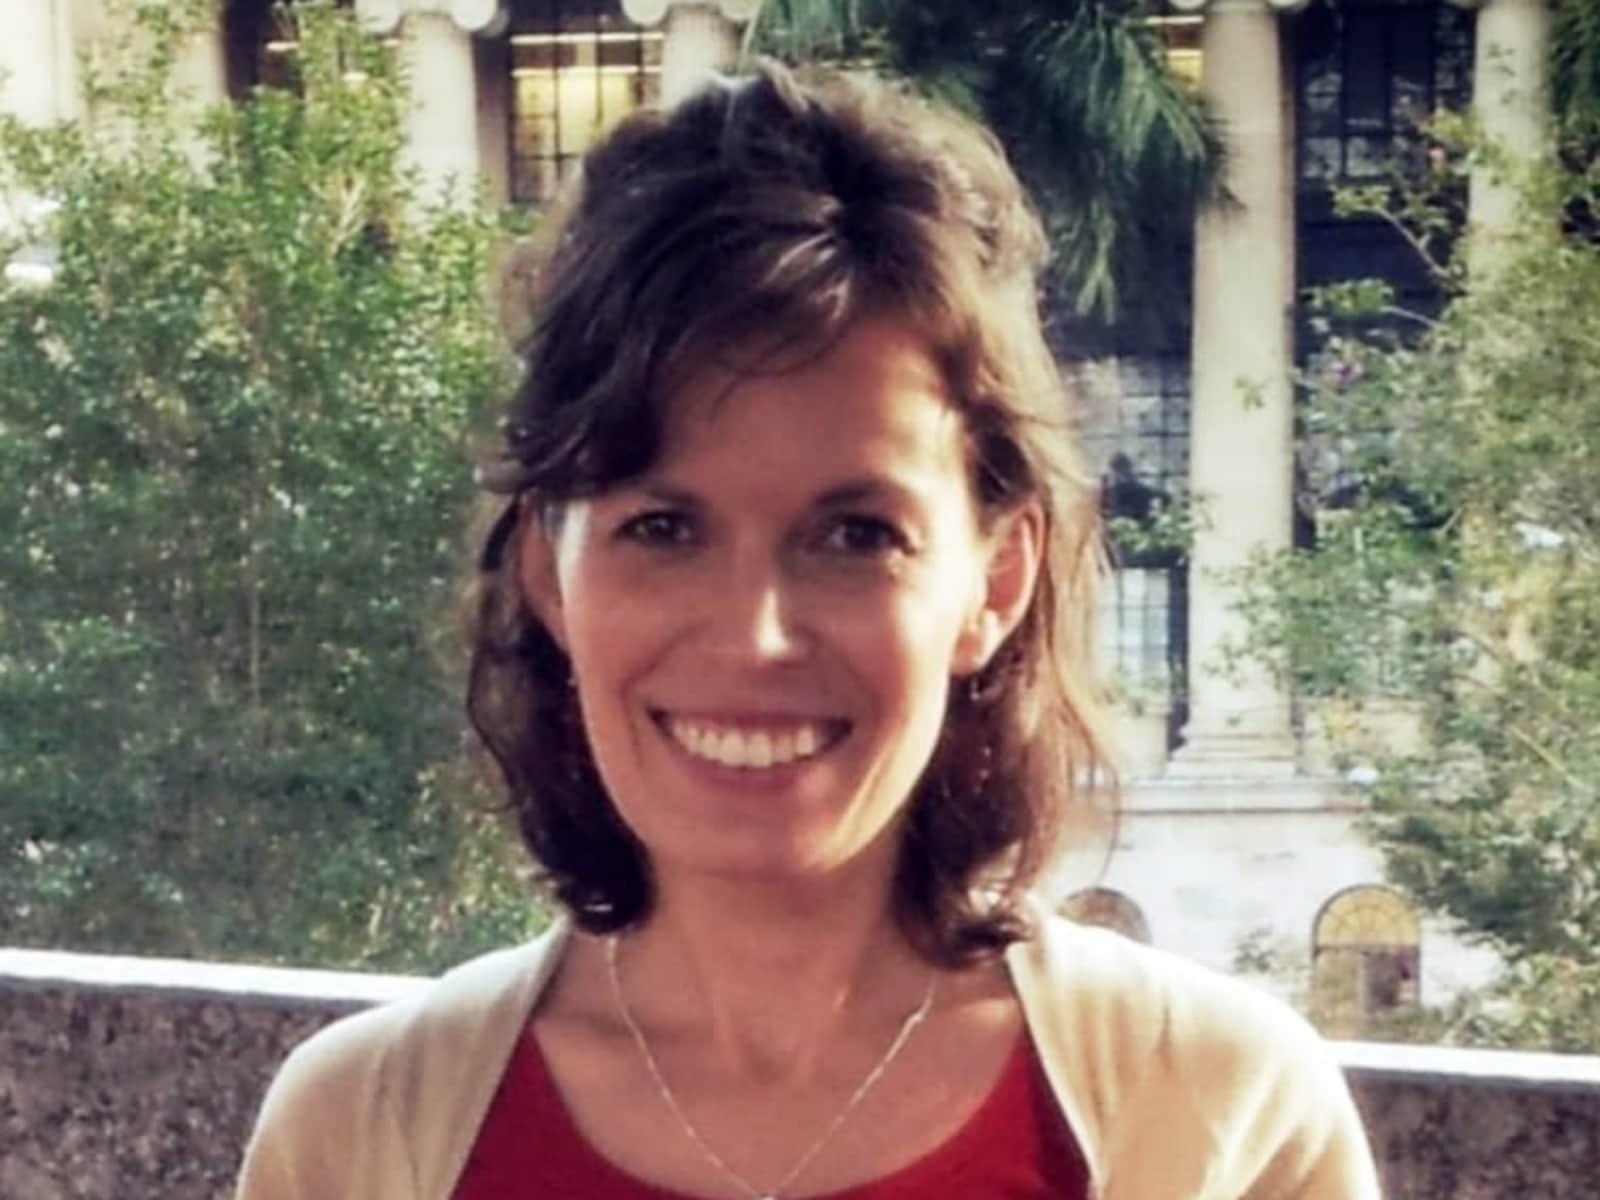 Marta from Brisbane, Queensland, Australia